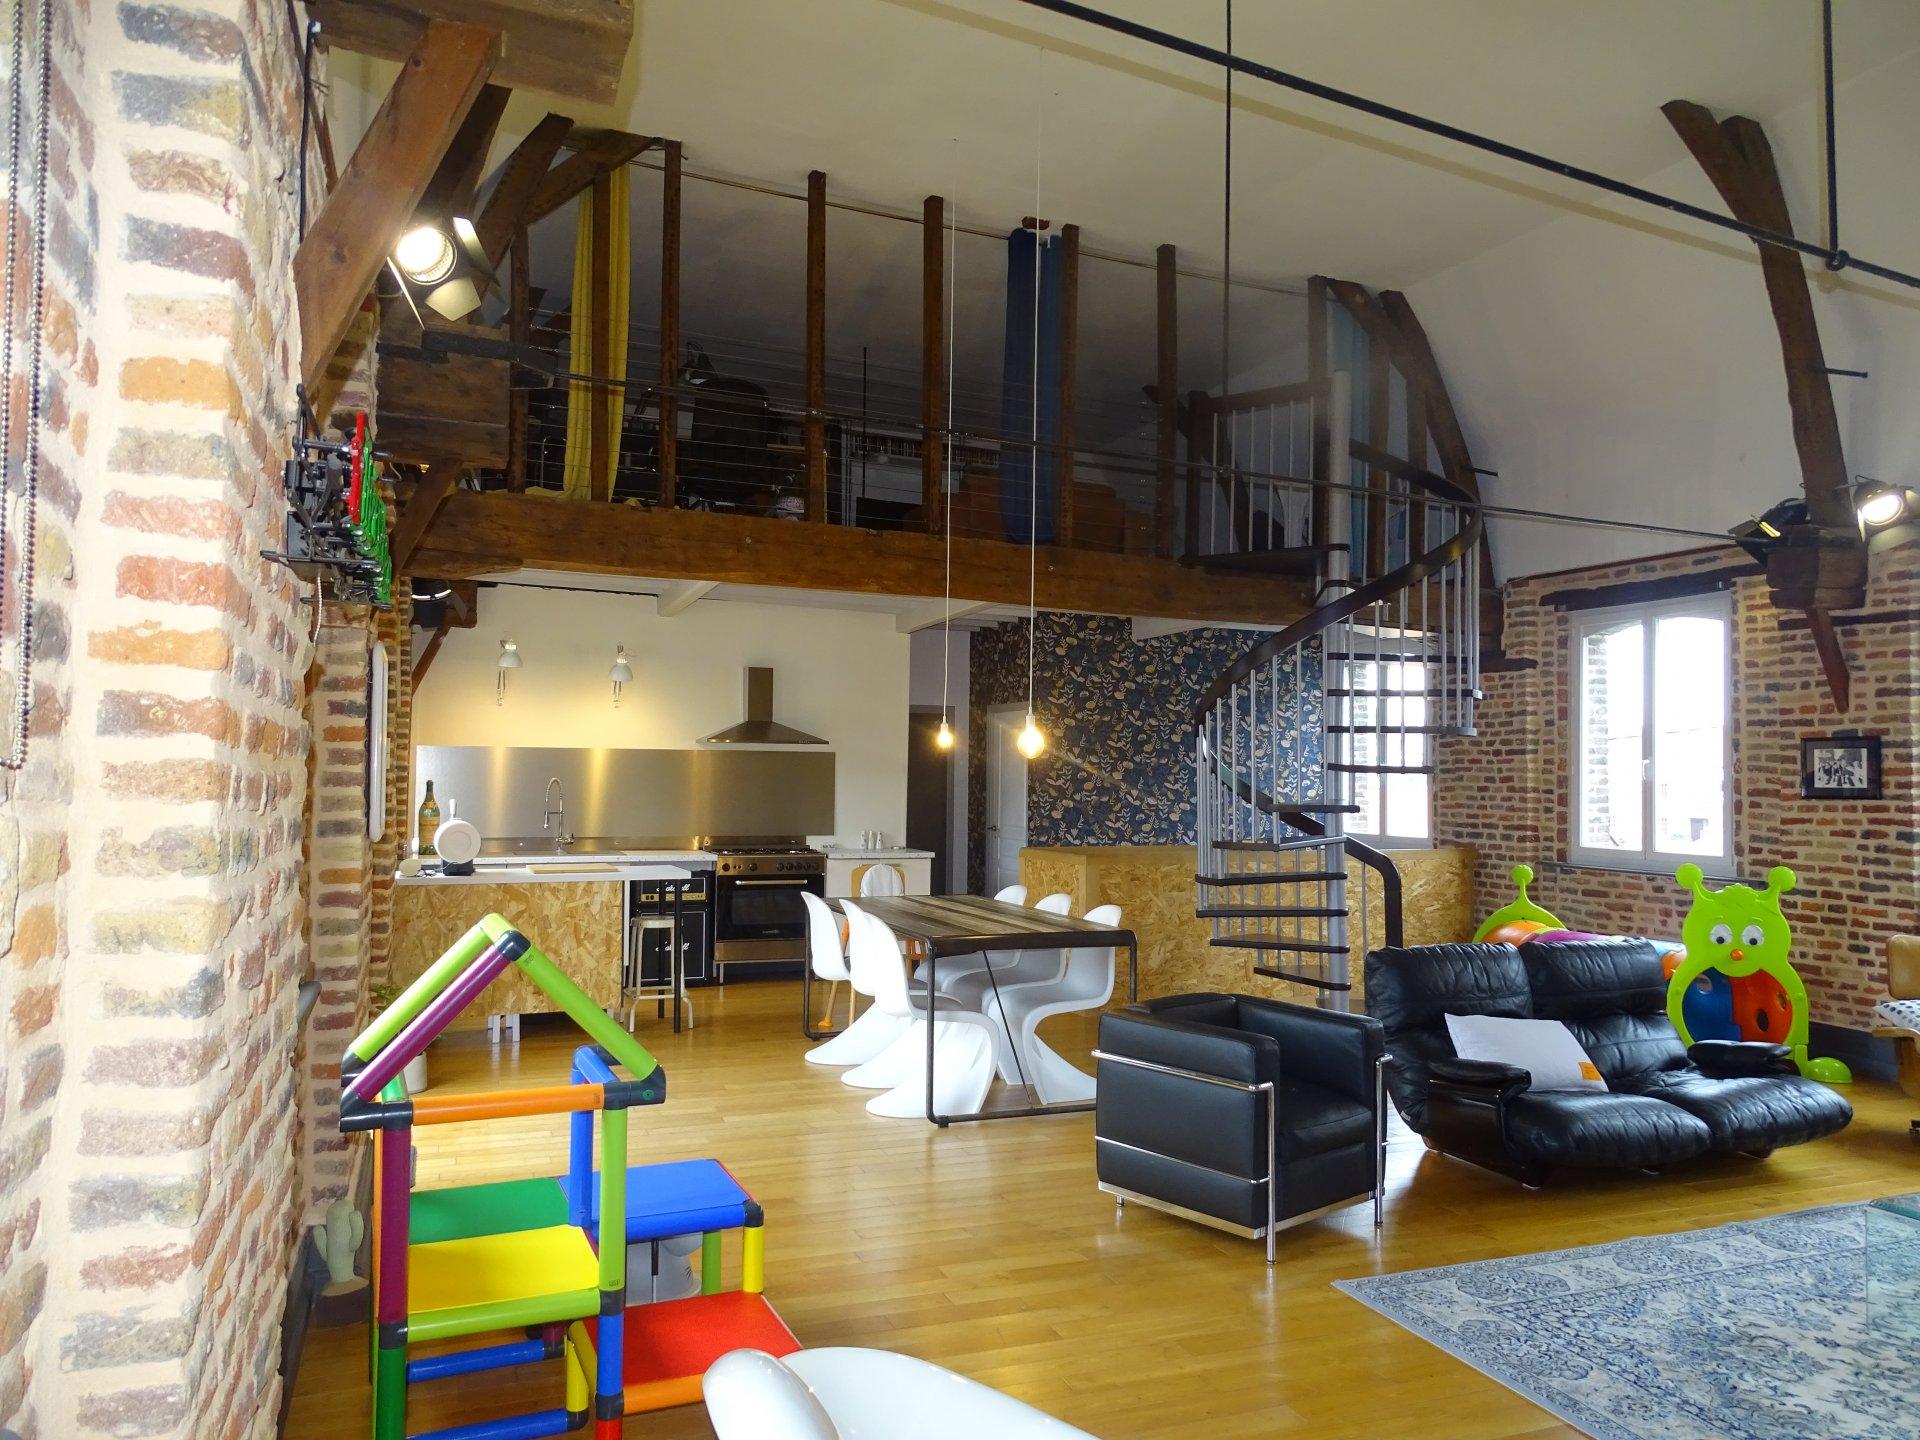 Aire-sur-la-Lys Maison/Loft